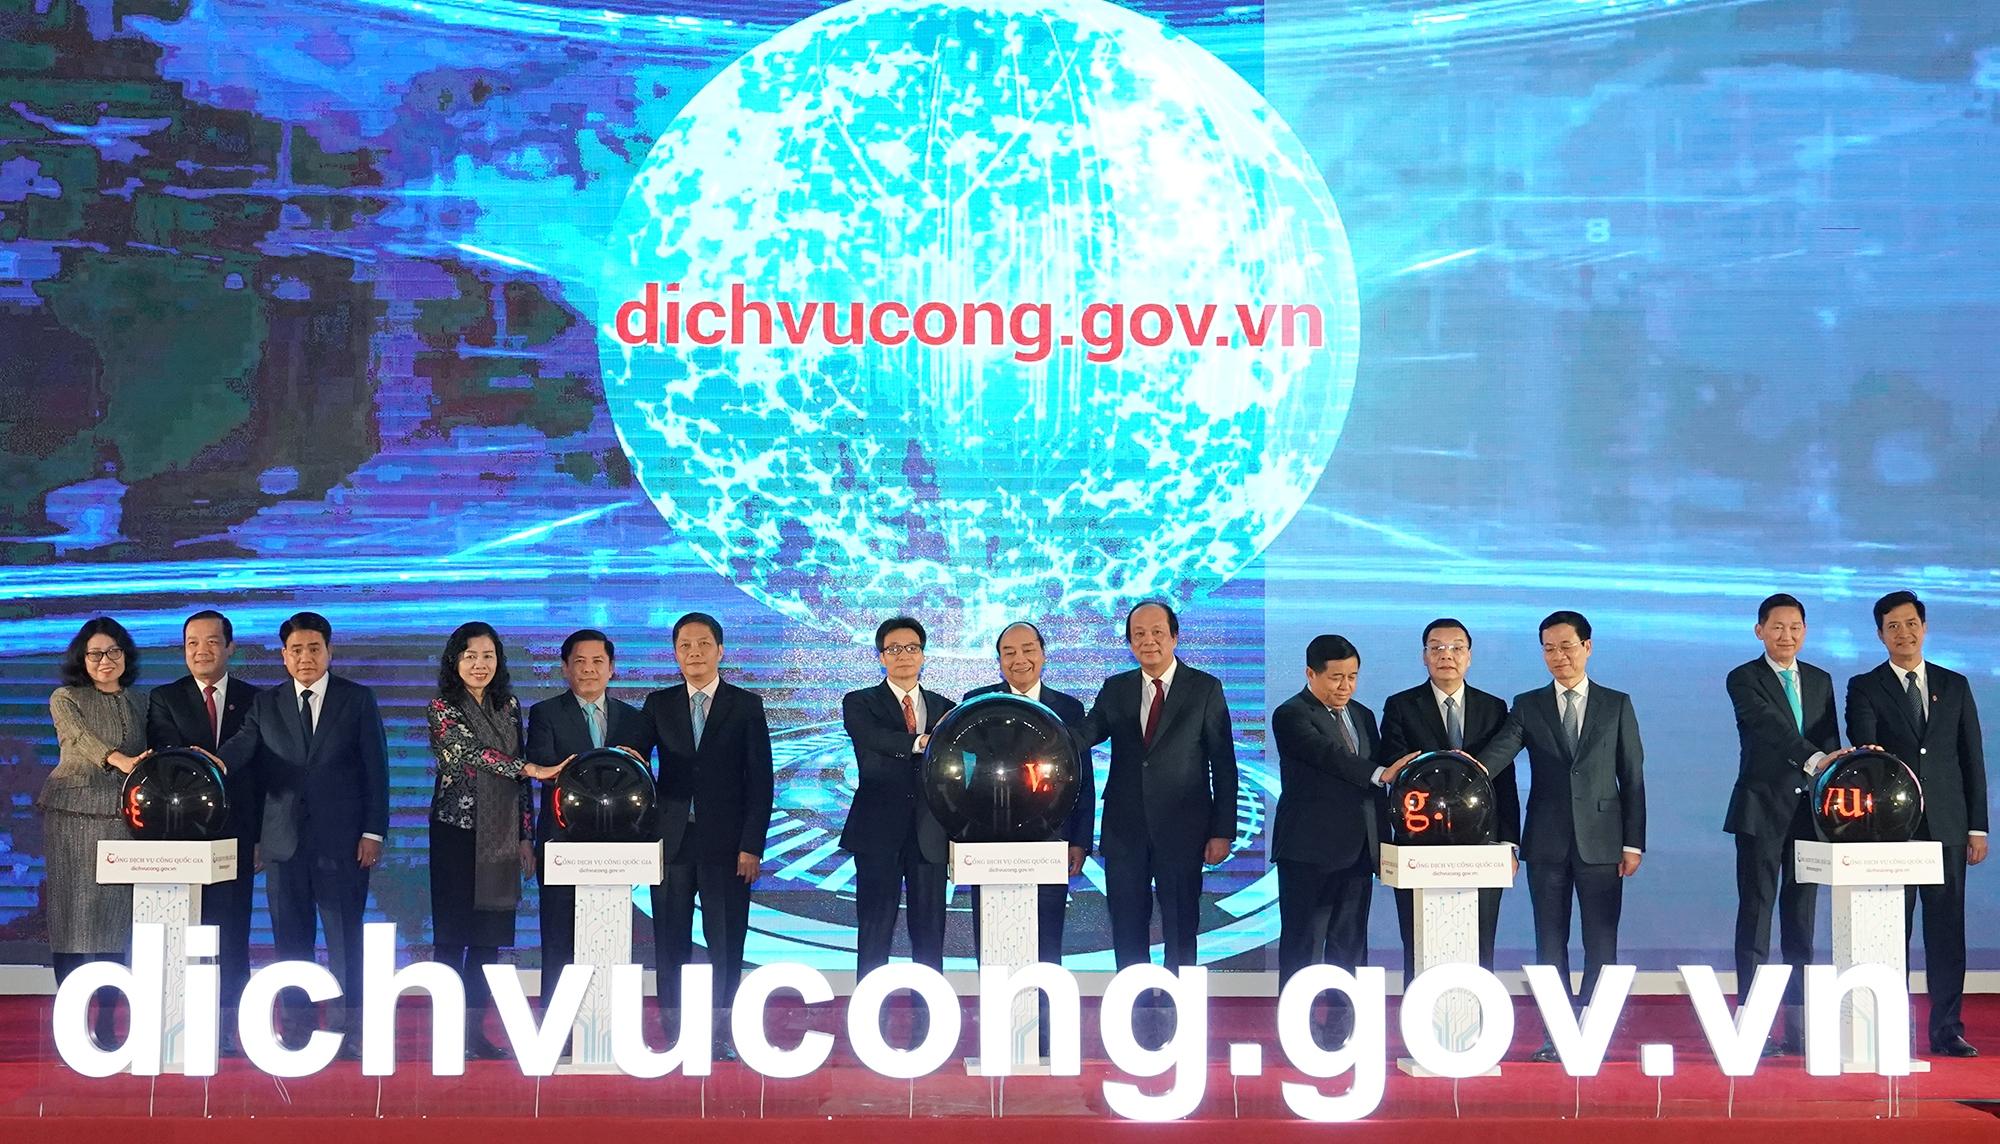 Khai trương đưa Cổng Dịch vụ công Quốc gia vào vận hành chính thức